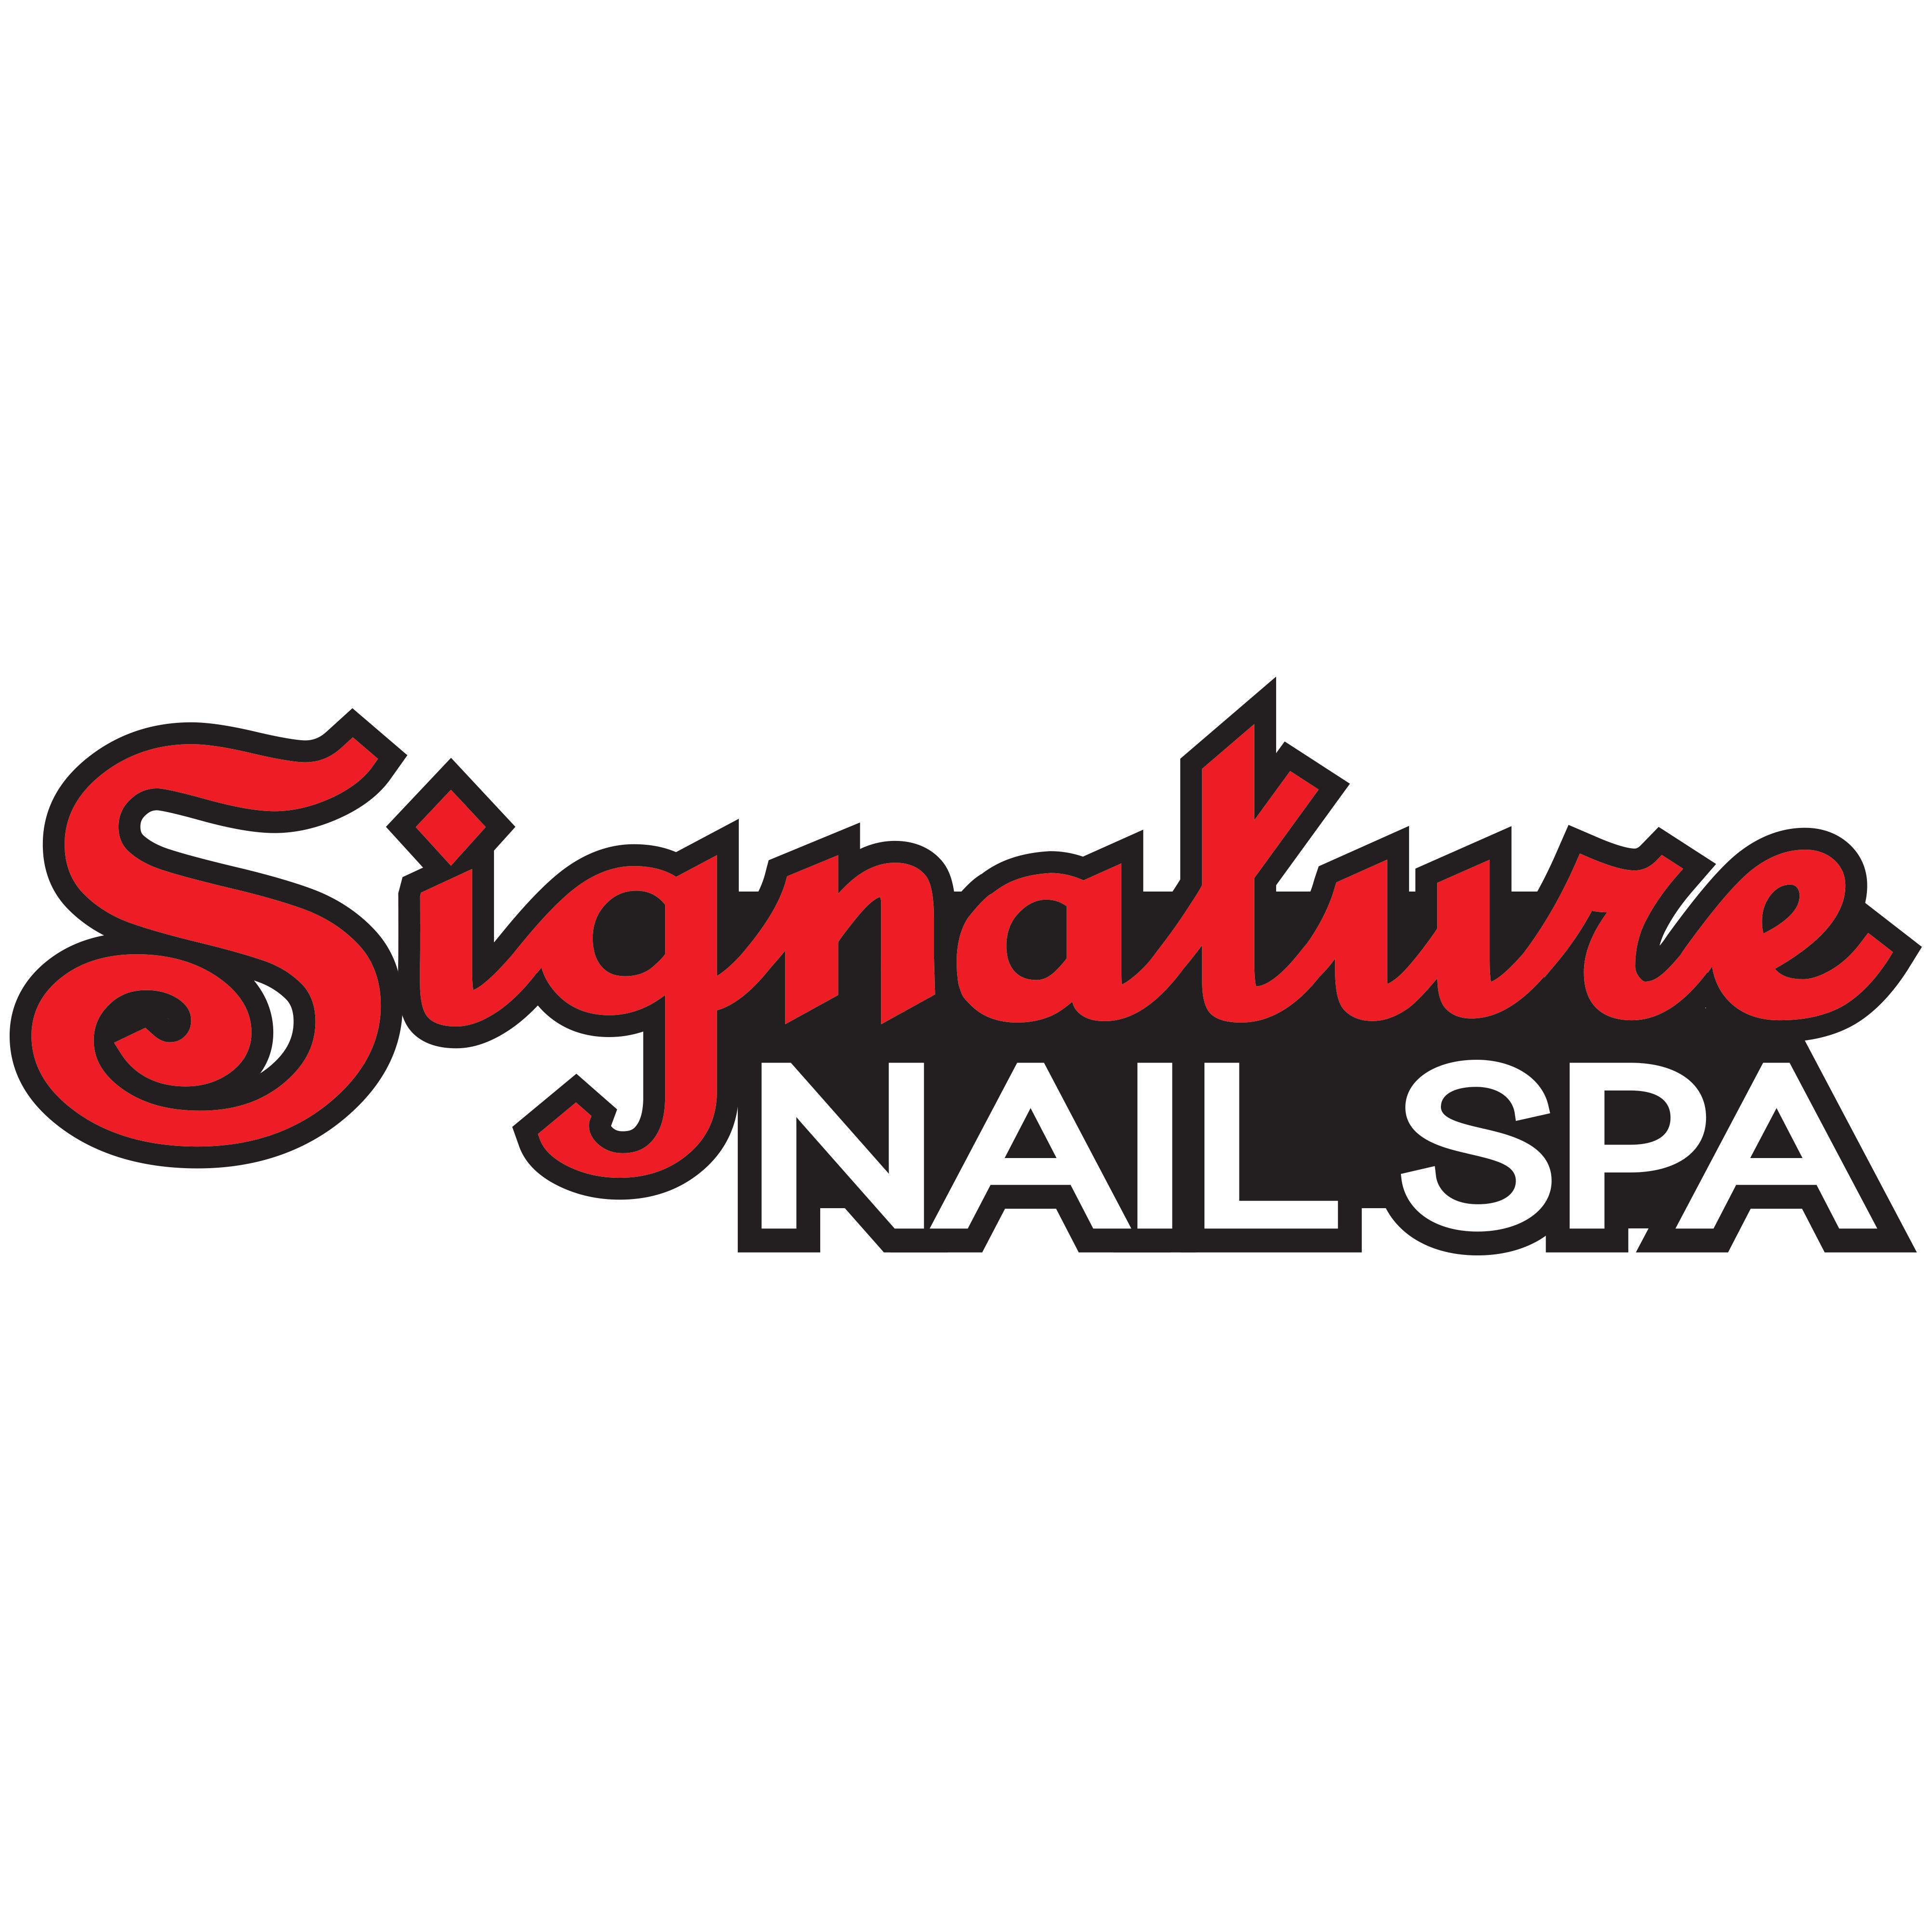 Signature Nail Spa - Nail Salon - Cary, NC 27519